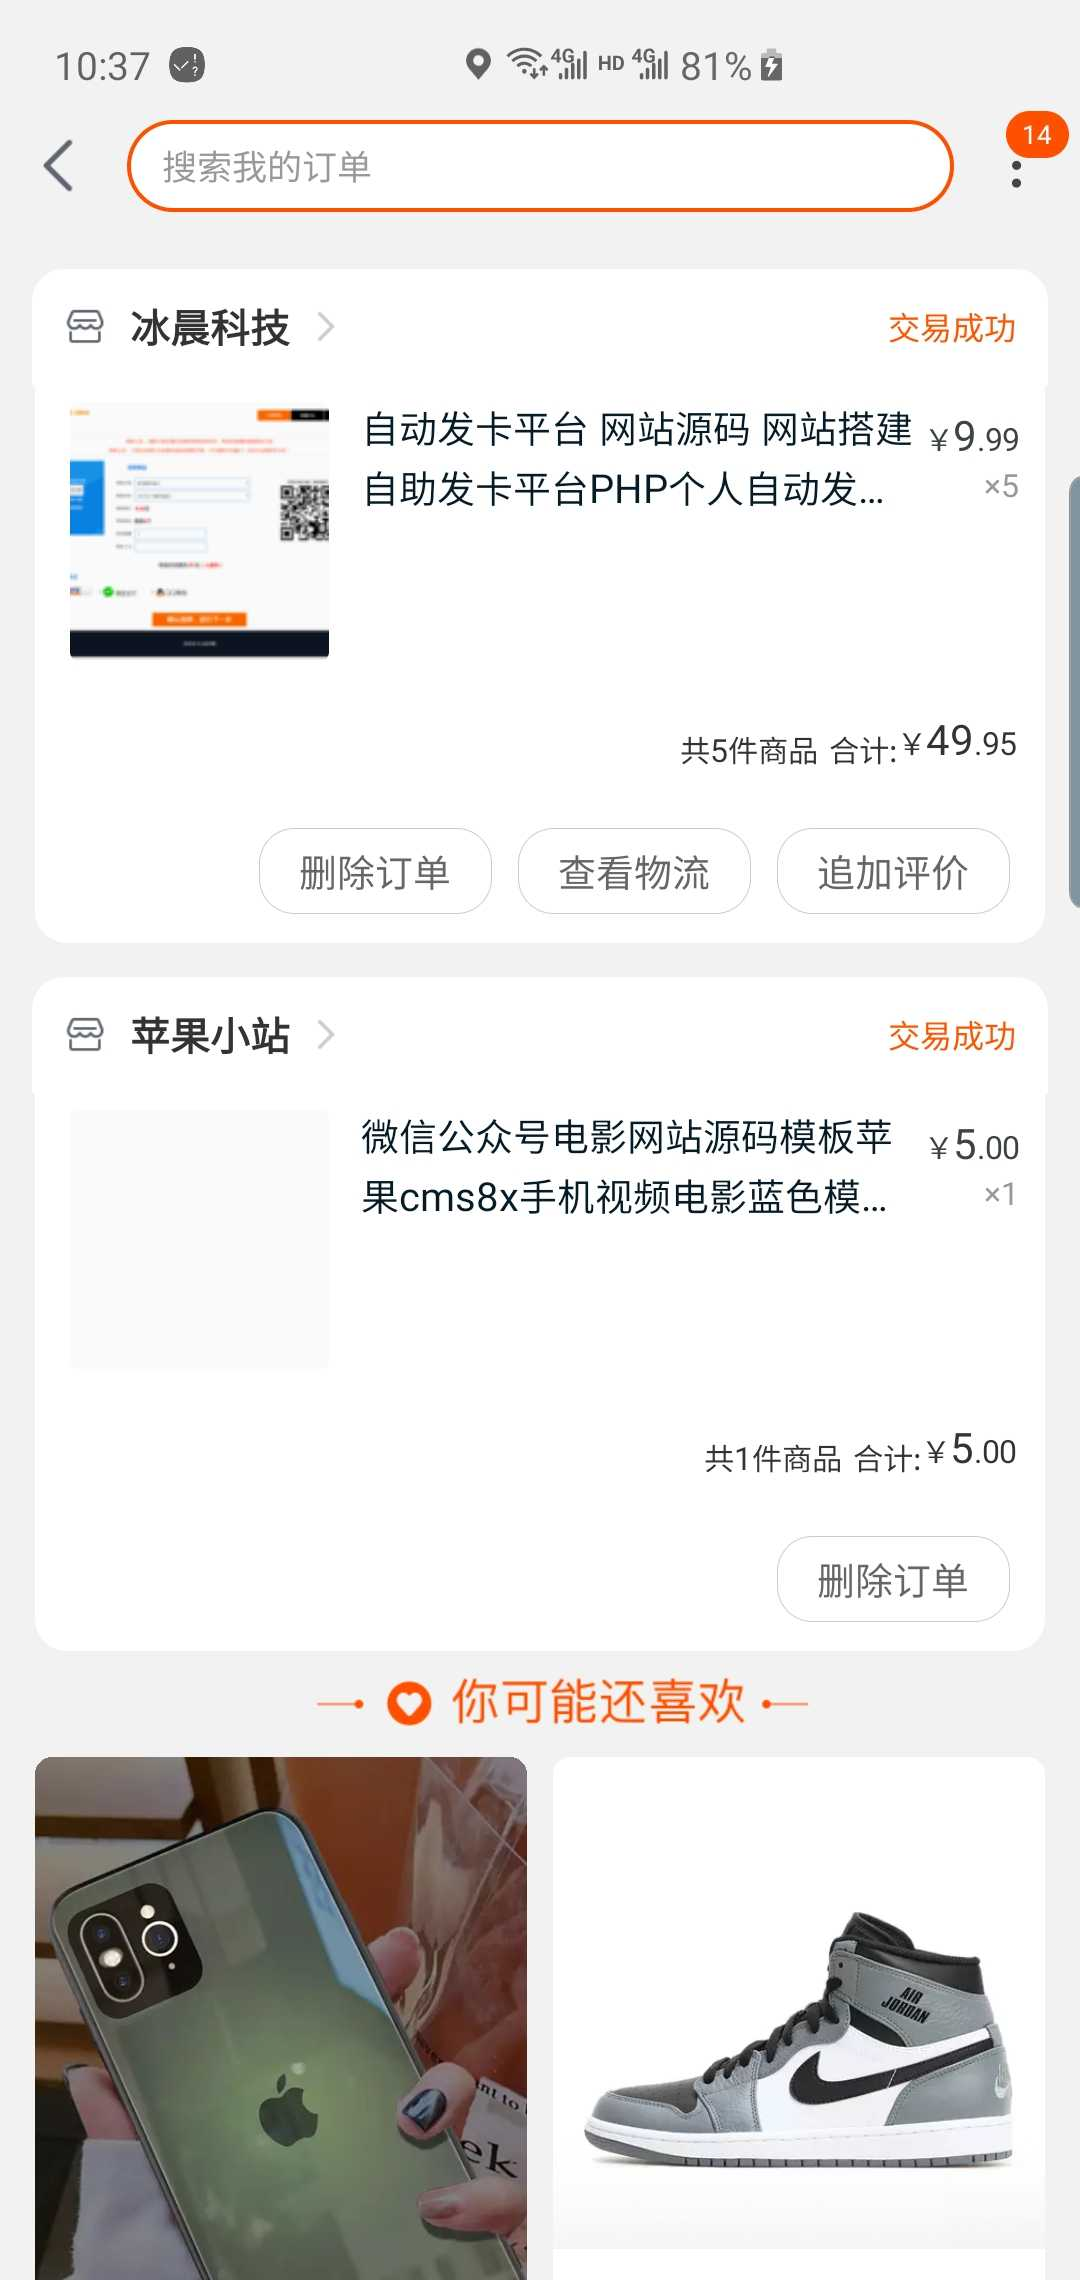 某宝价值49元php发卡源码